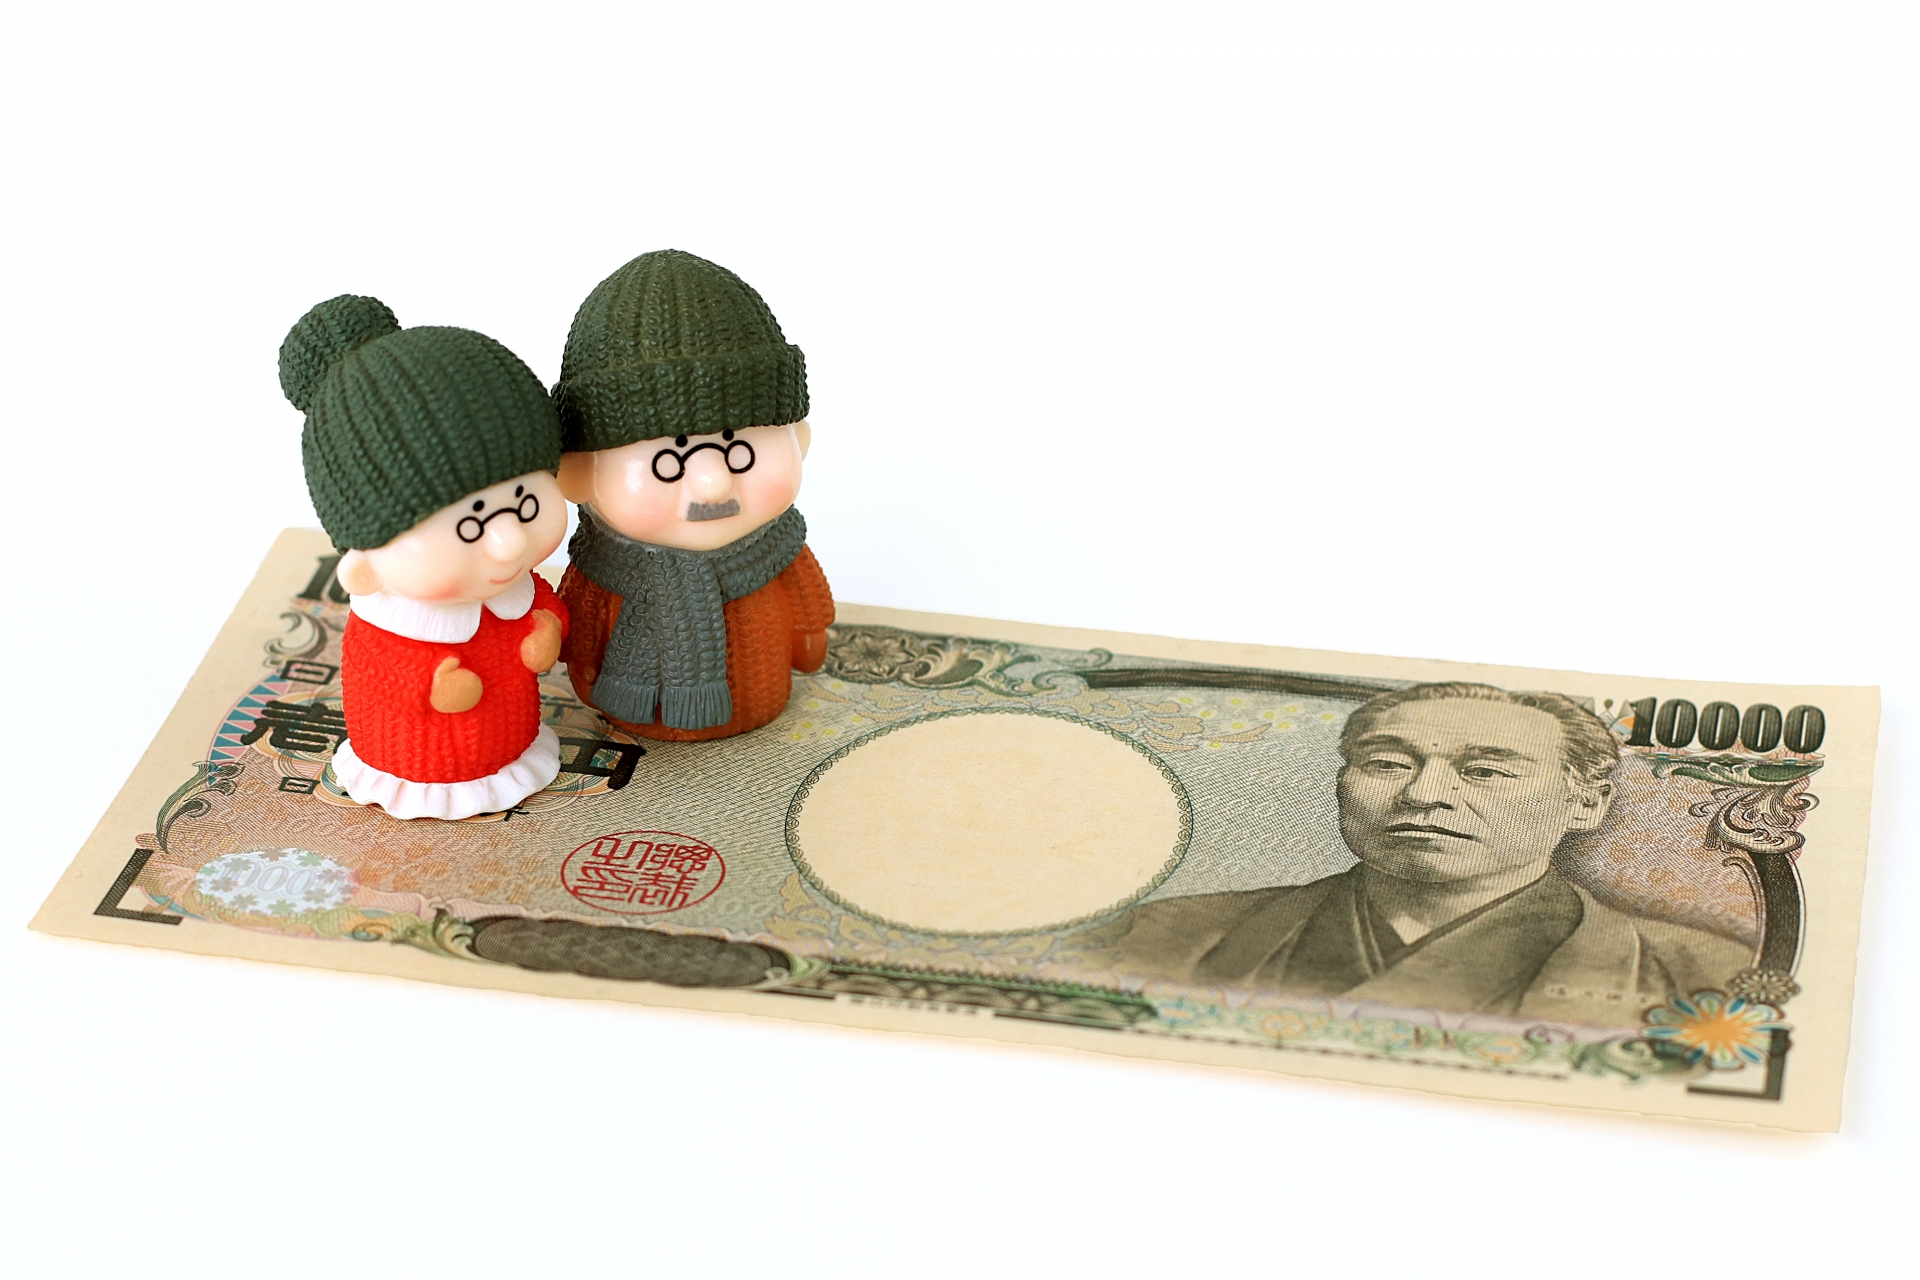 借りた1万円